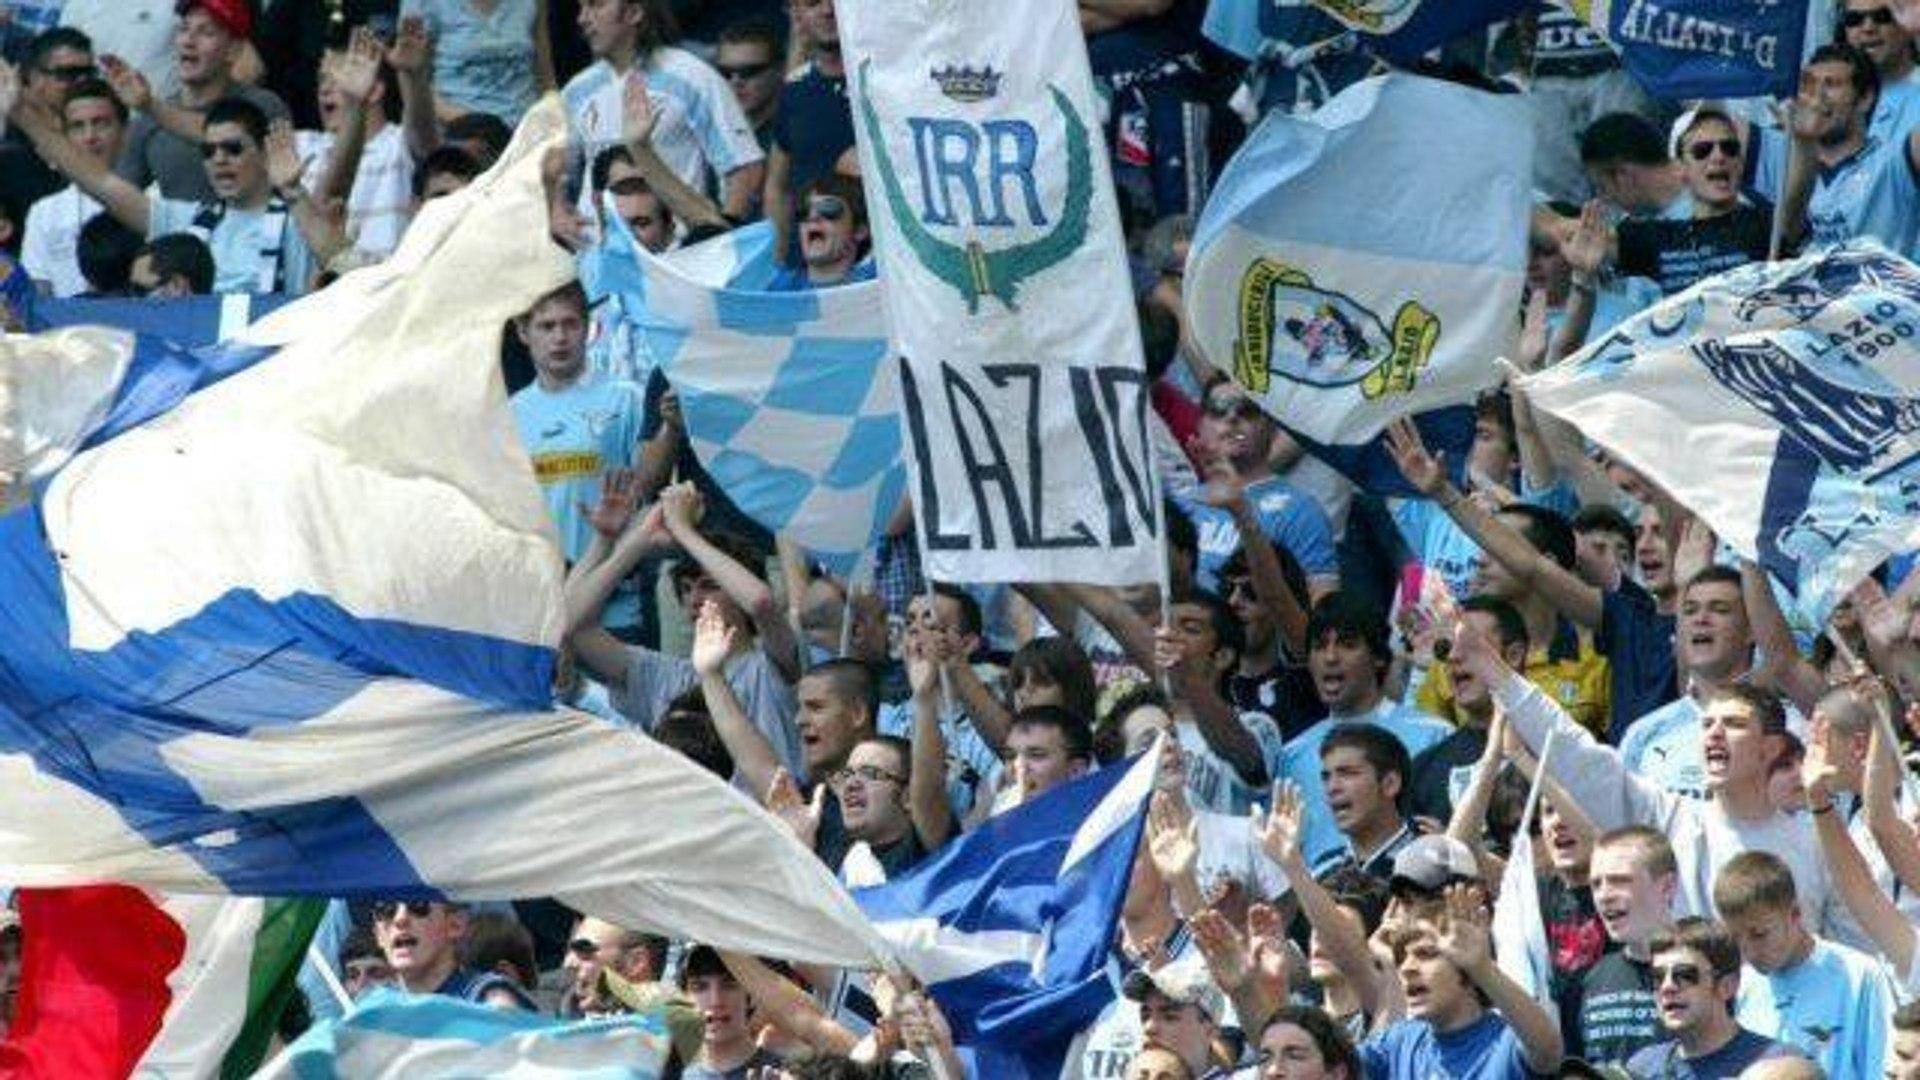 Bambino con la maglia della Roma che dice Forza Lazio: il video diventa virale